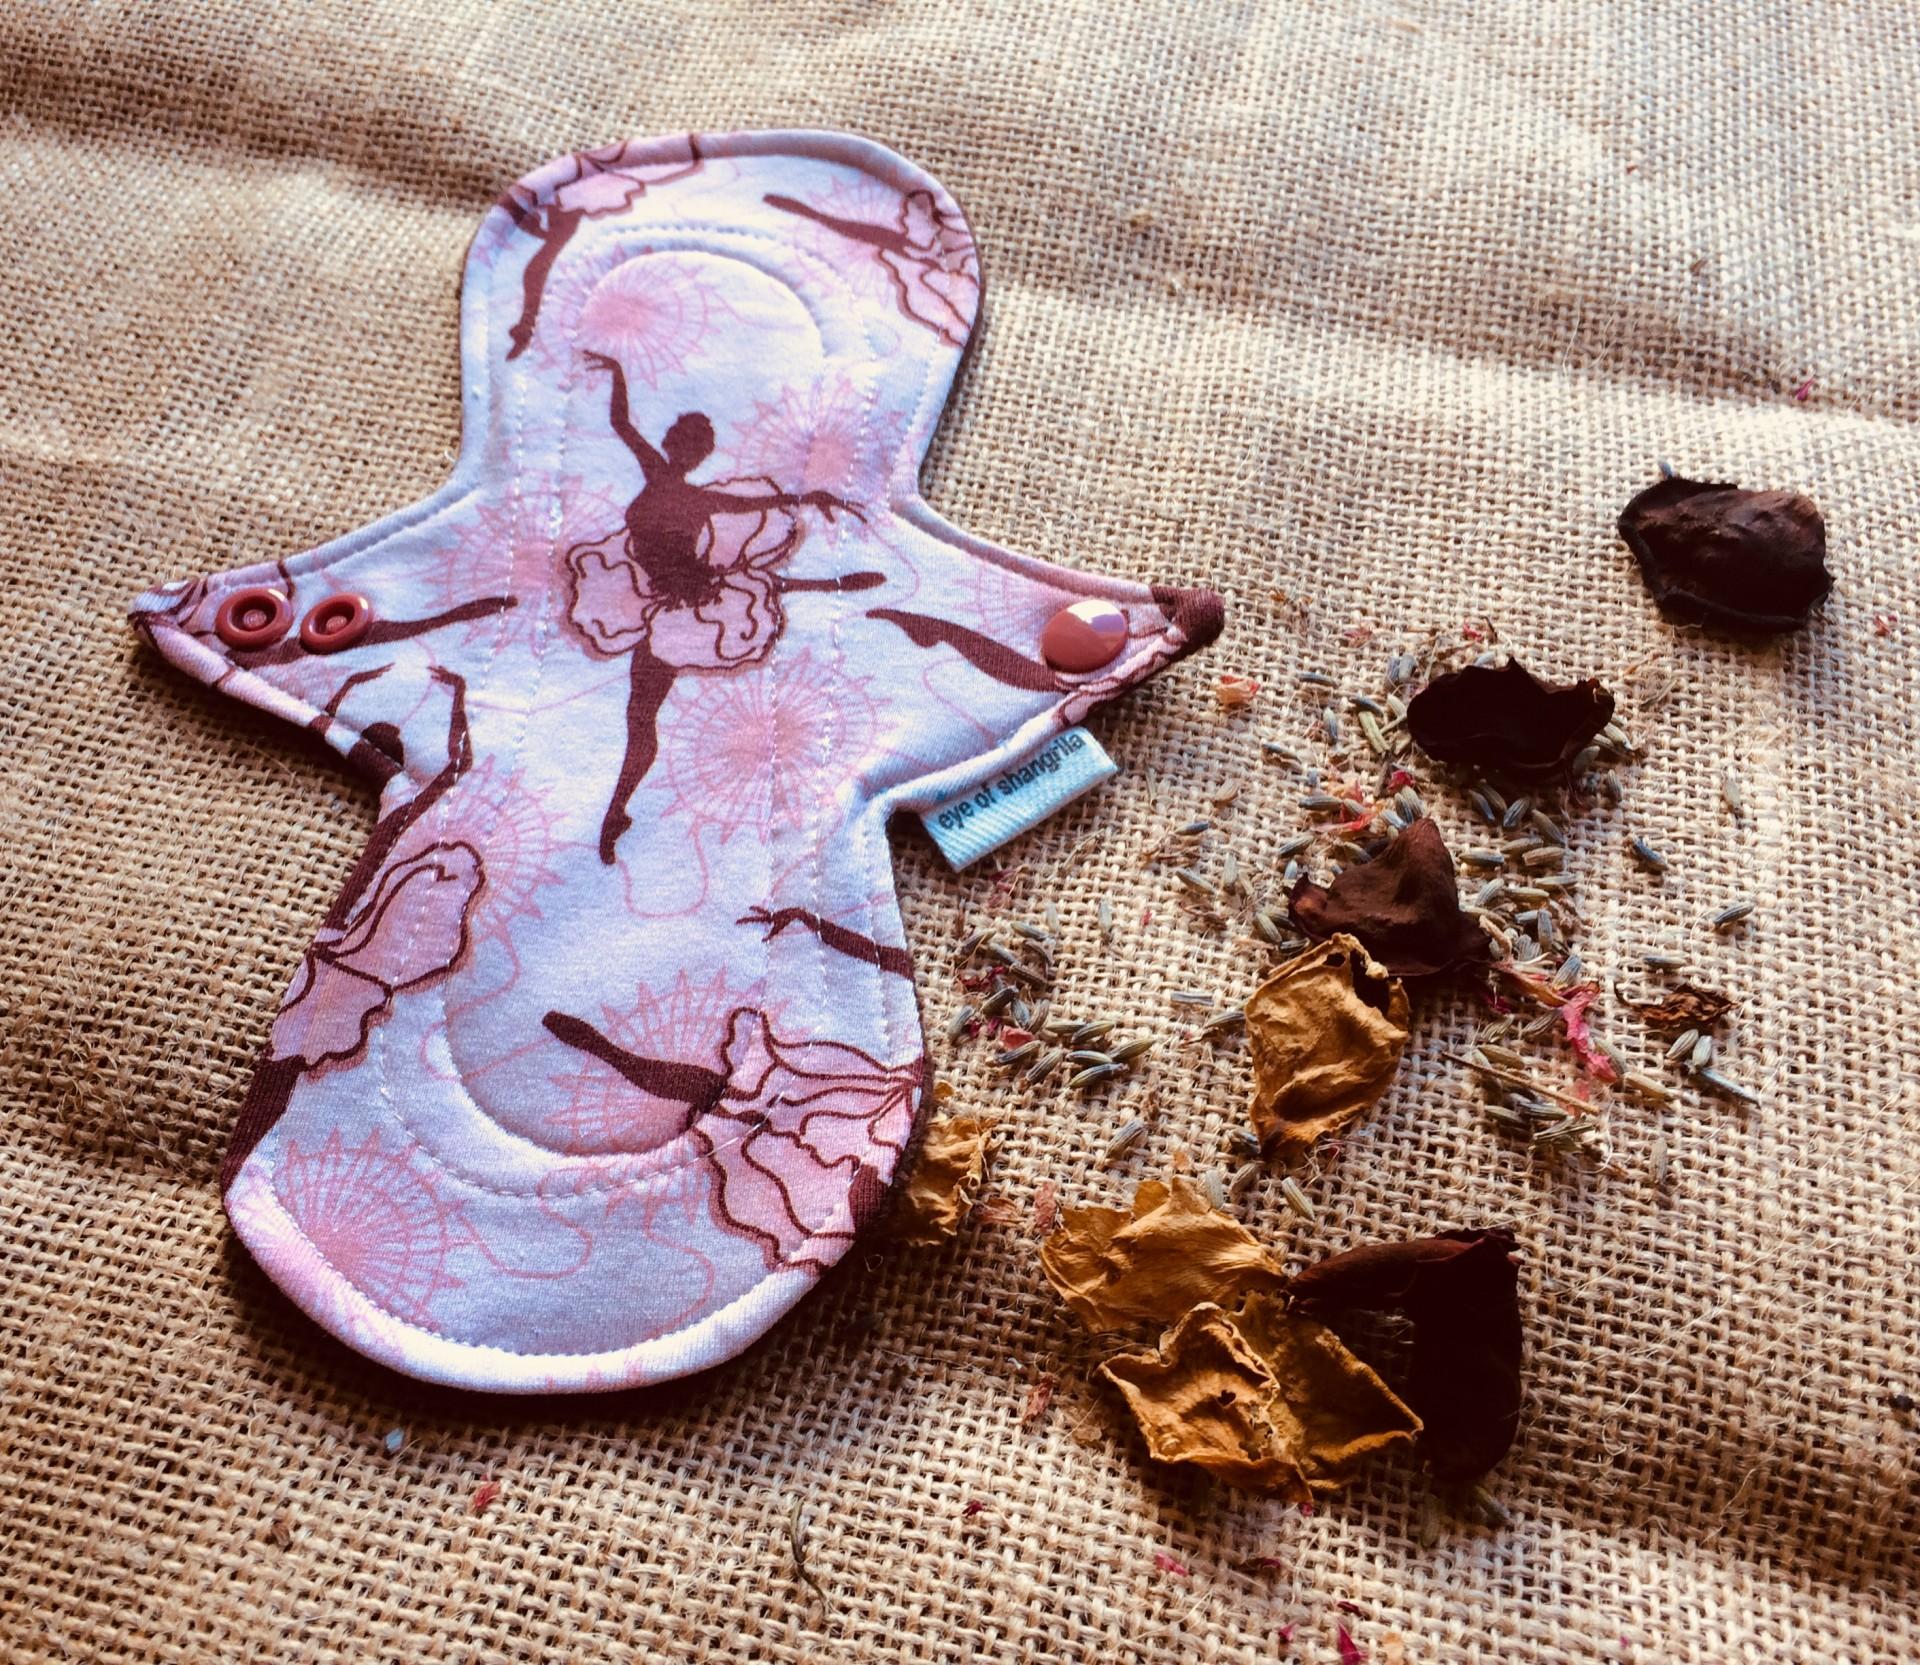 Pensos higiénicos menstruais reutilizáveis/Cloth menstrual pad